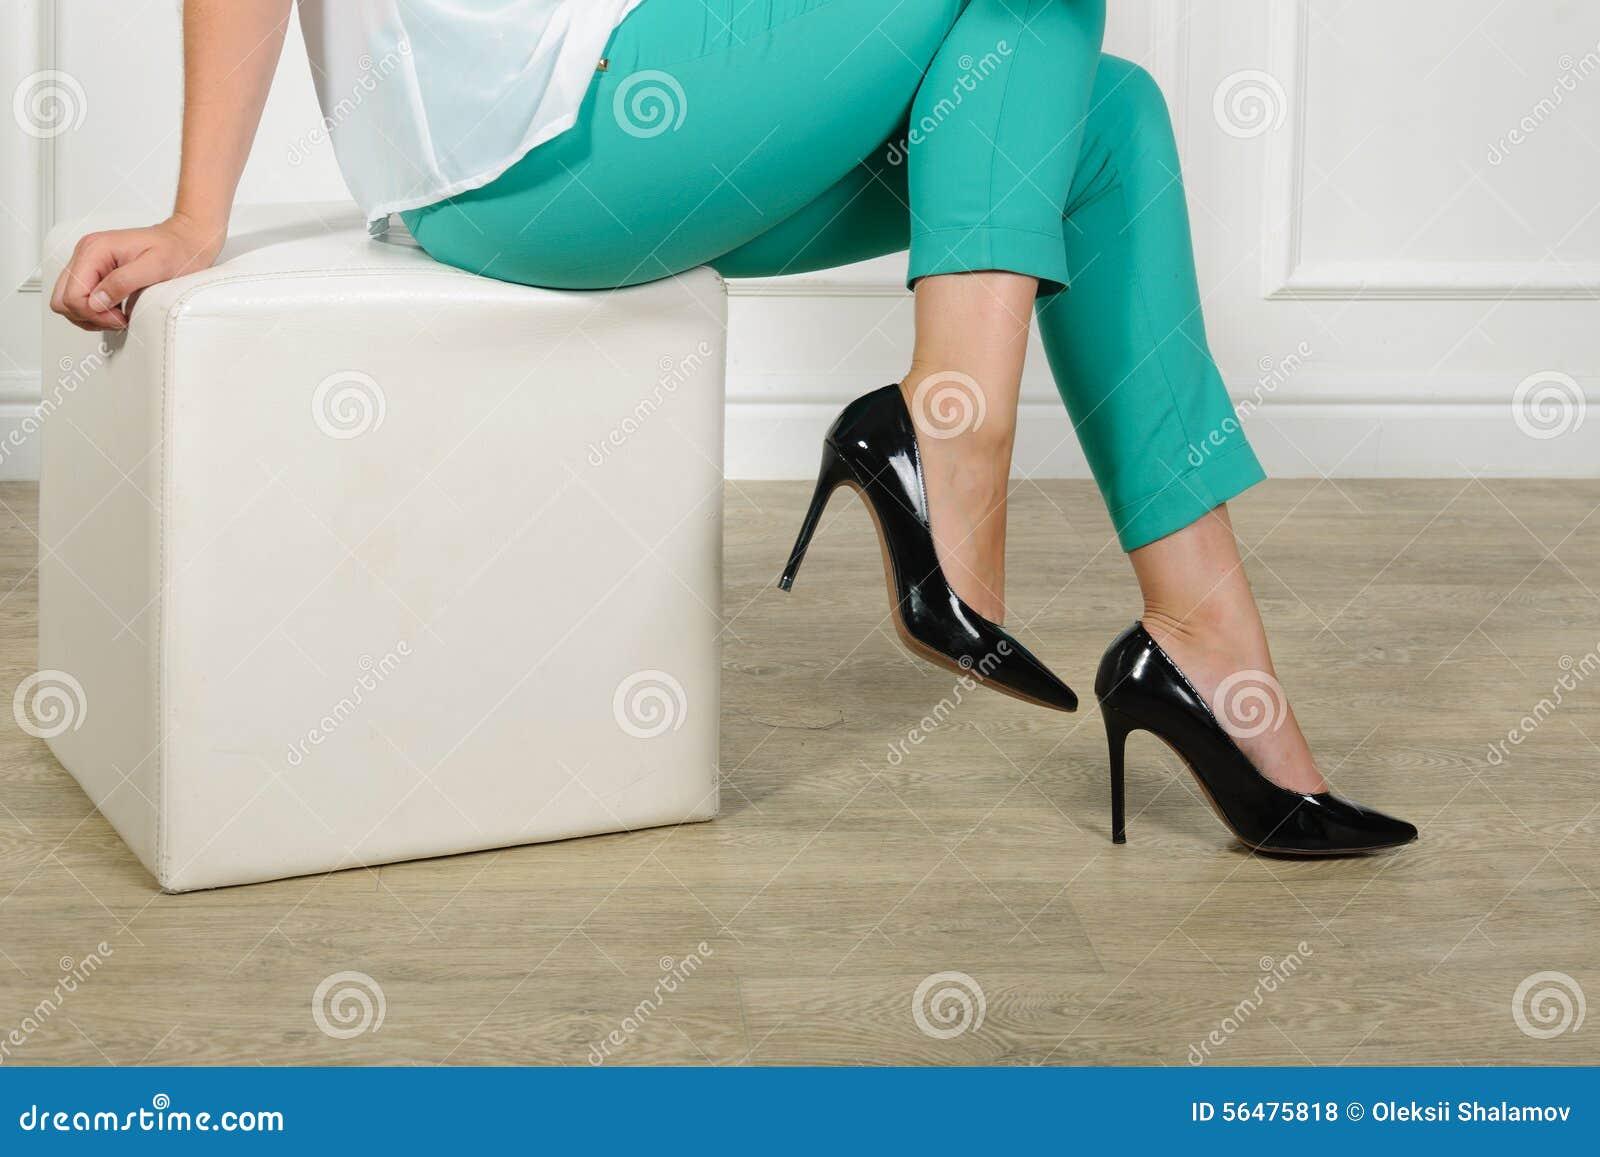 Femme essayant sur des chaussures dans une mémoire